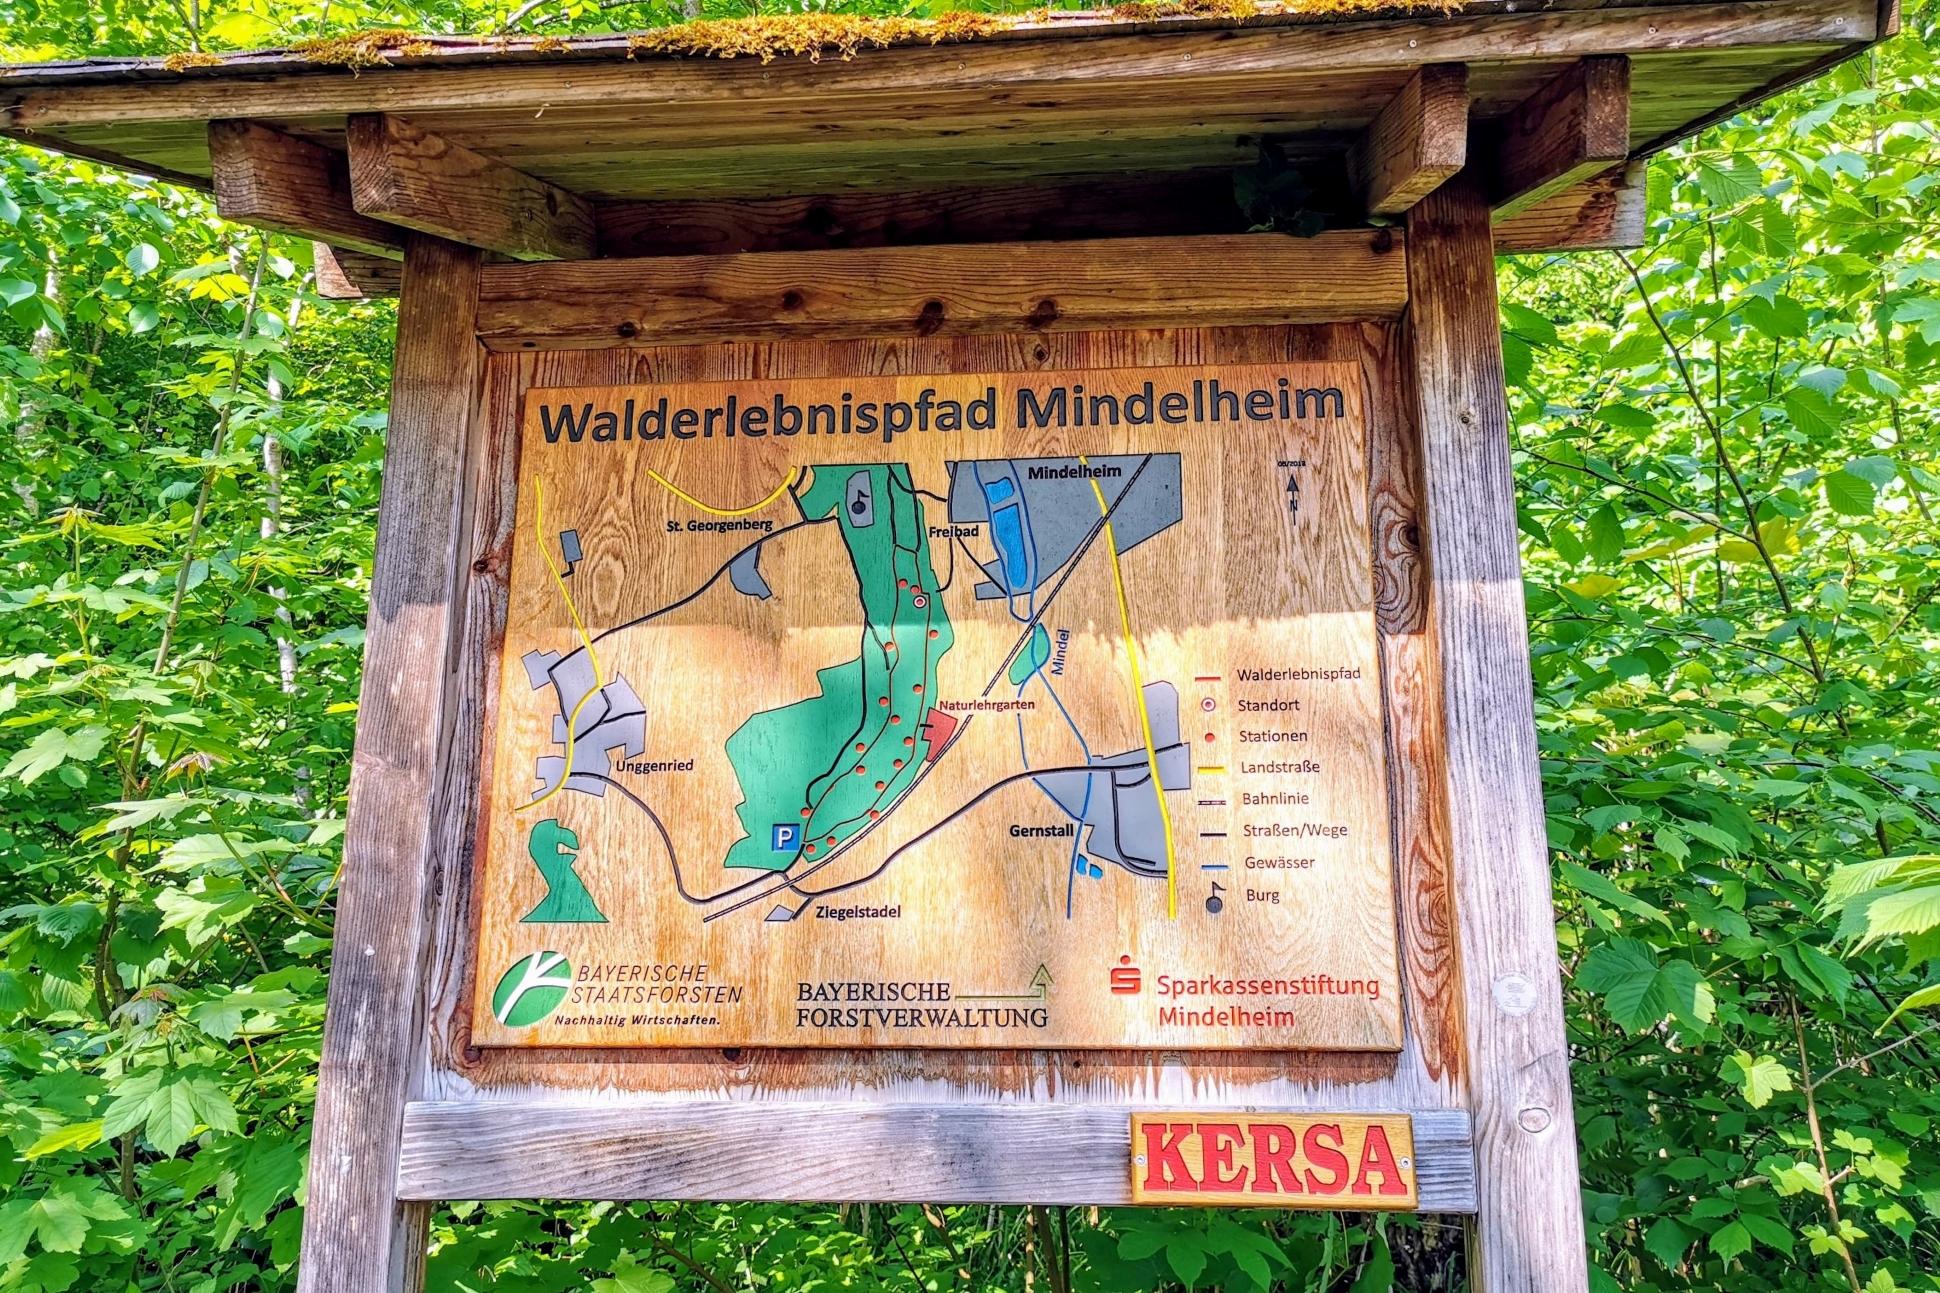 Der Walderlebnispfad Mindelheim bietet ein tolles Ausflugserlebnis für die ganze Familie. Ein kostenloses Erlebnis im Unterallgäu